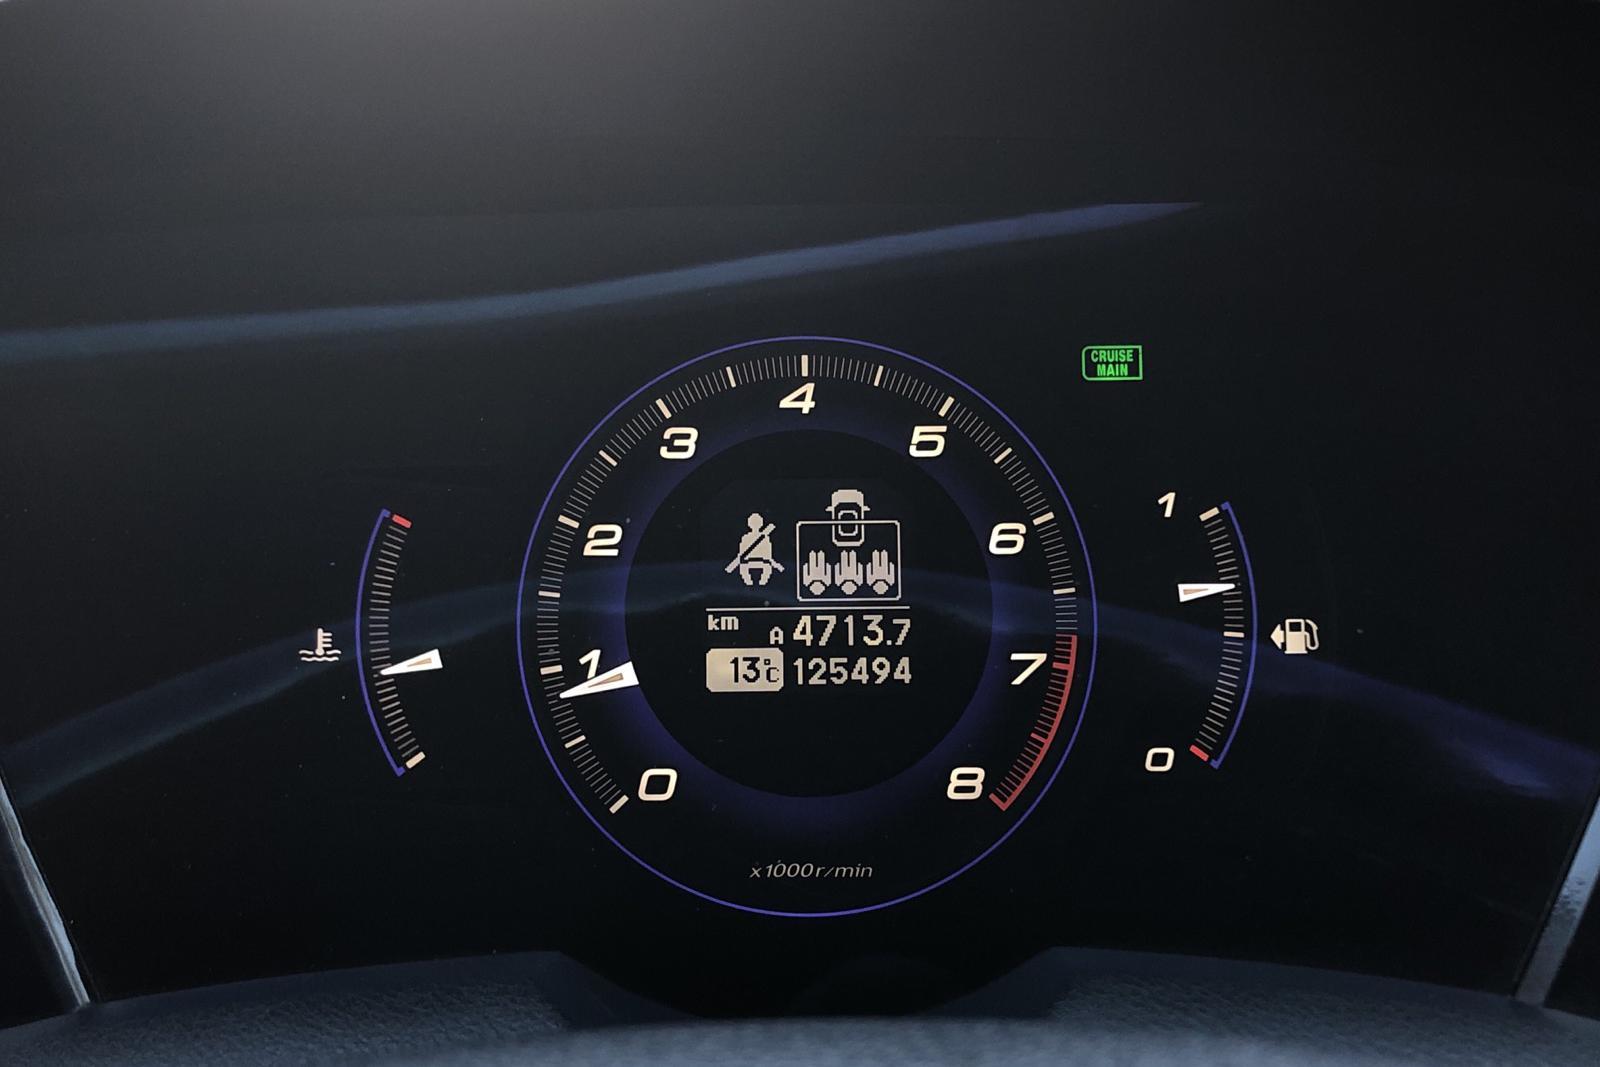 Honda Civic 1.8 5dr (140hk) - 12 548 mil - Automat - Dark Blue - 2006